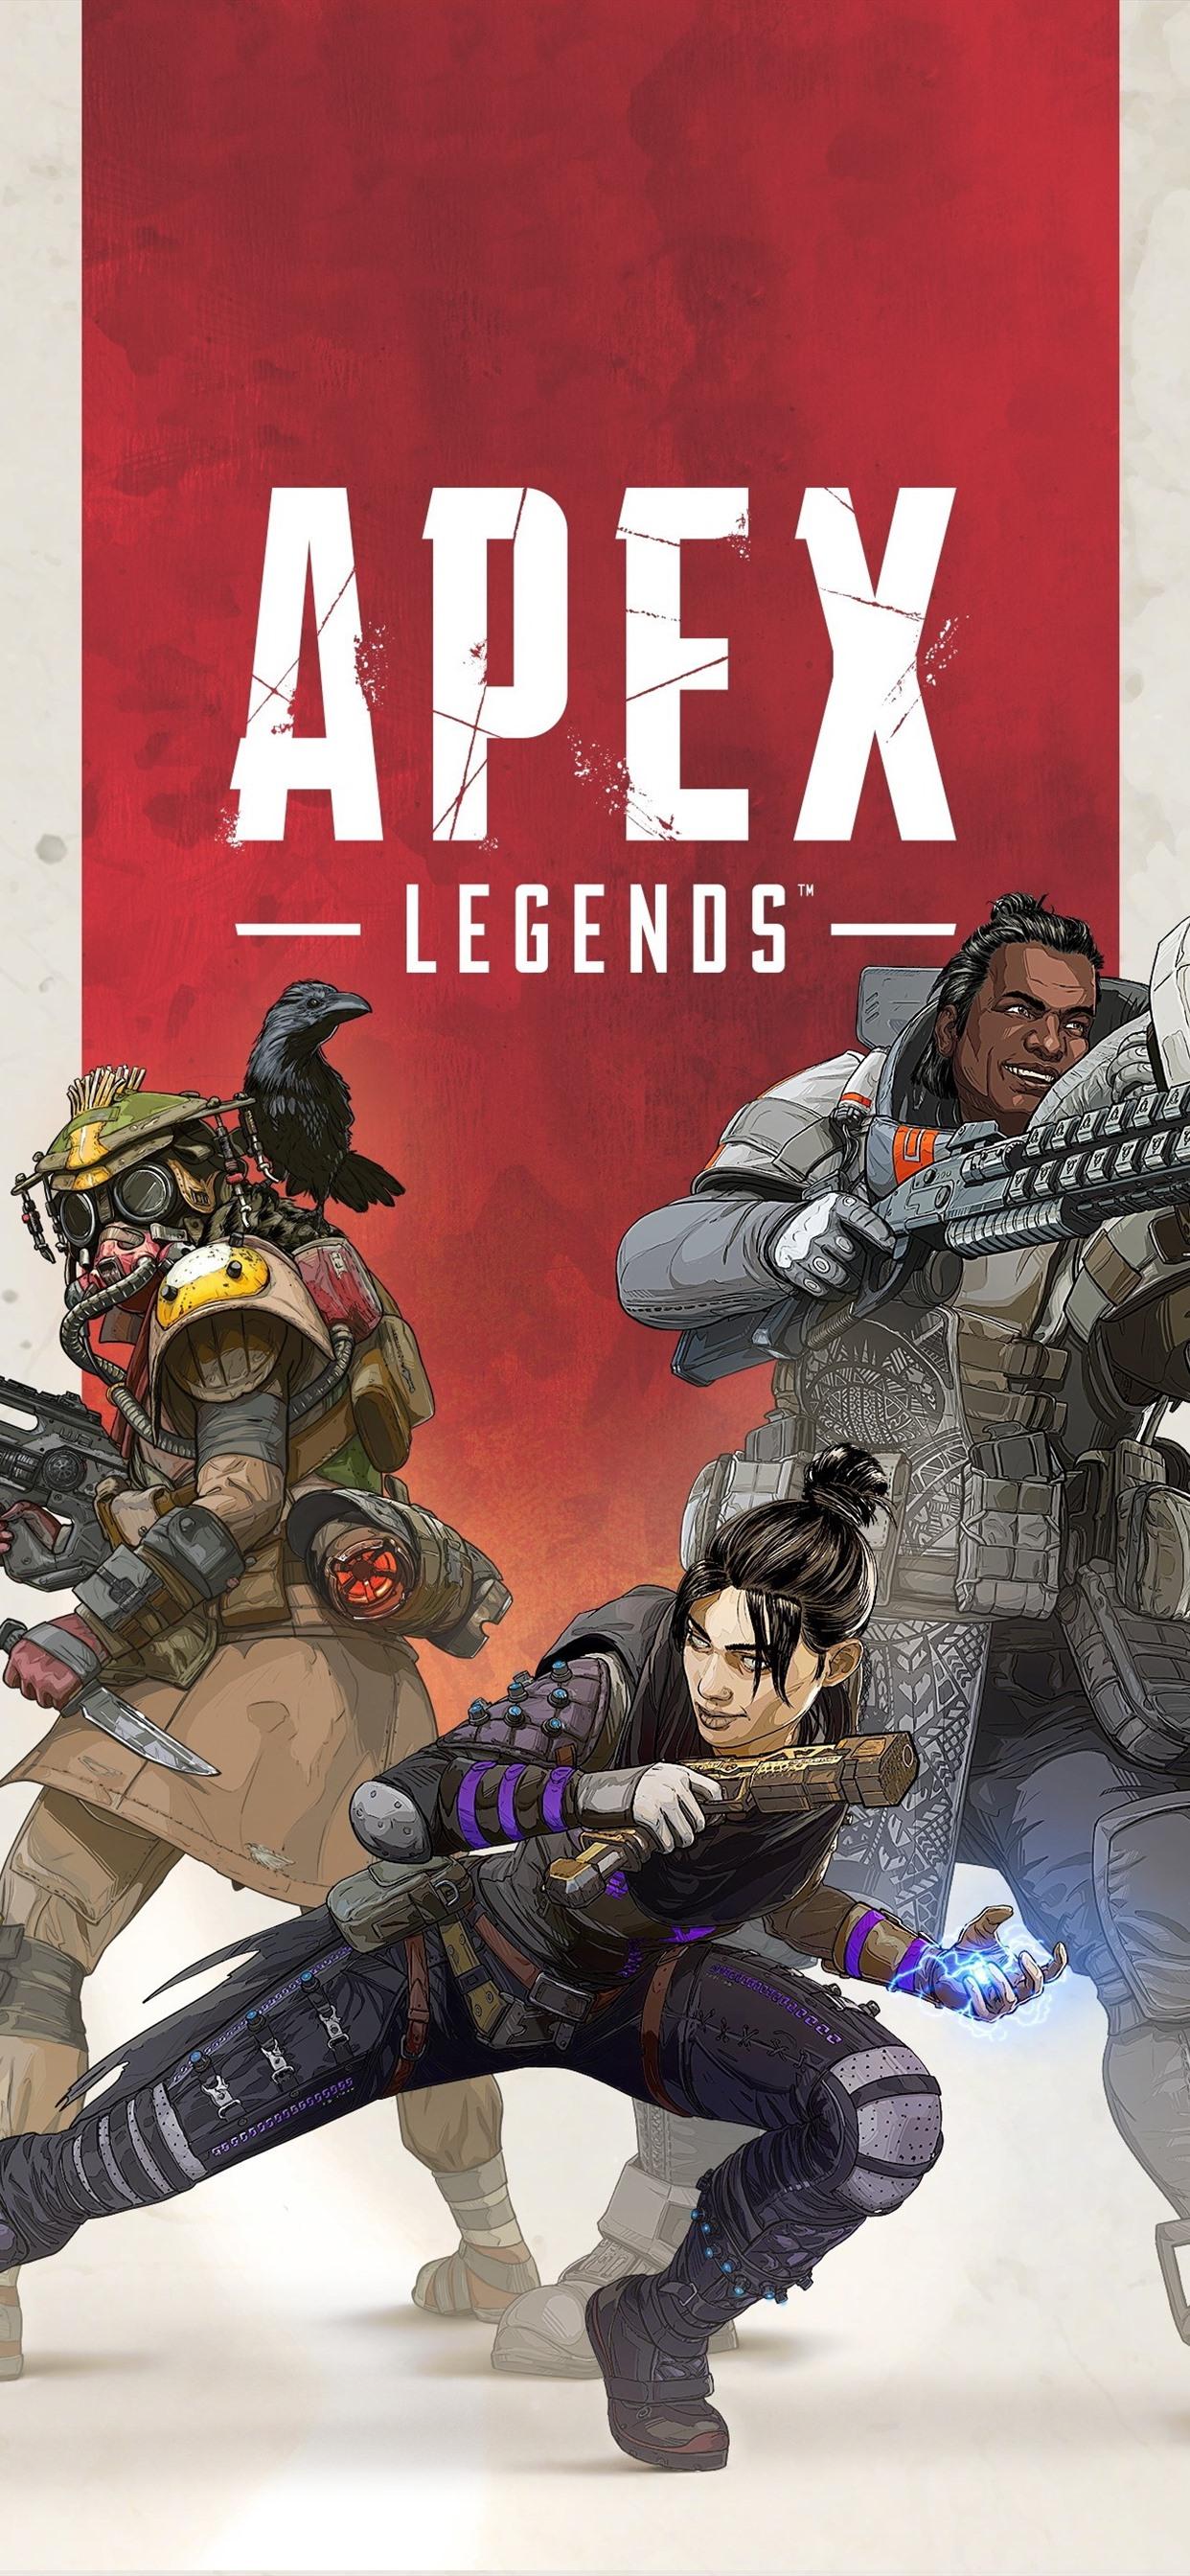 壁紙 apex